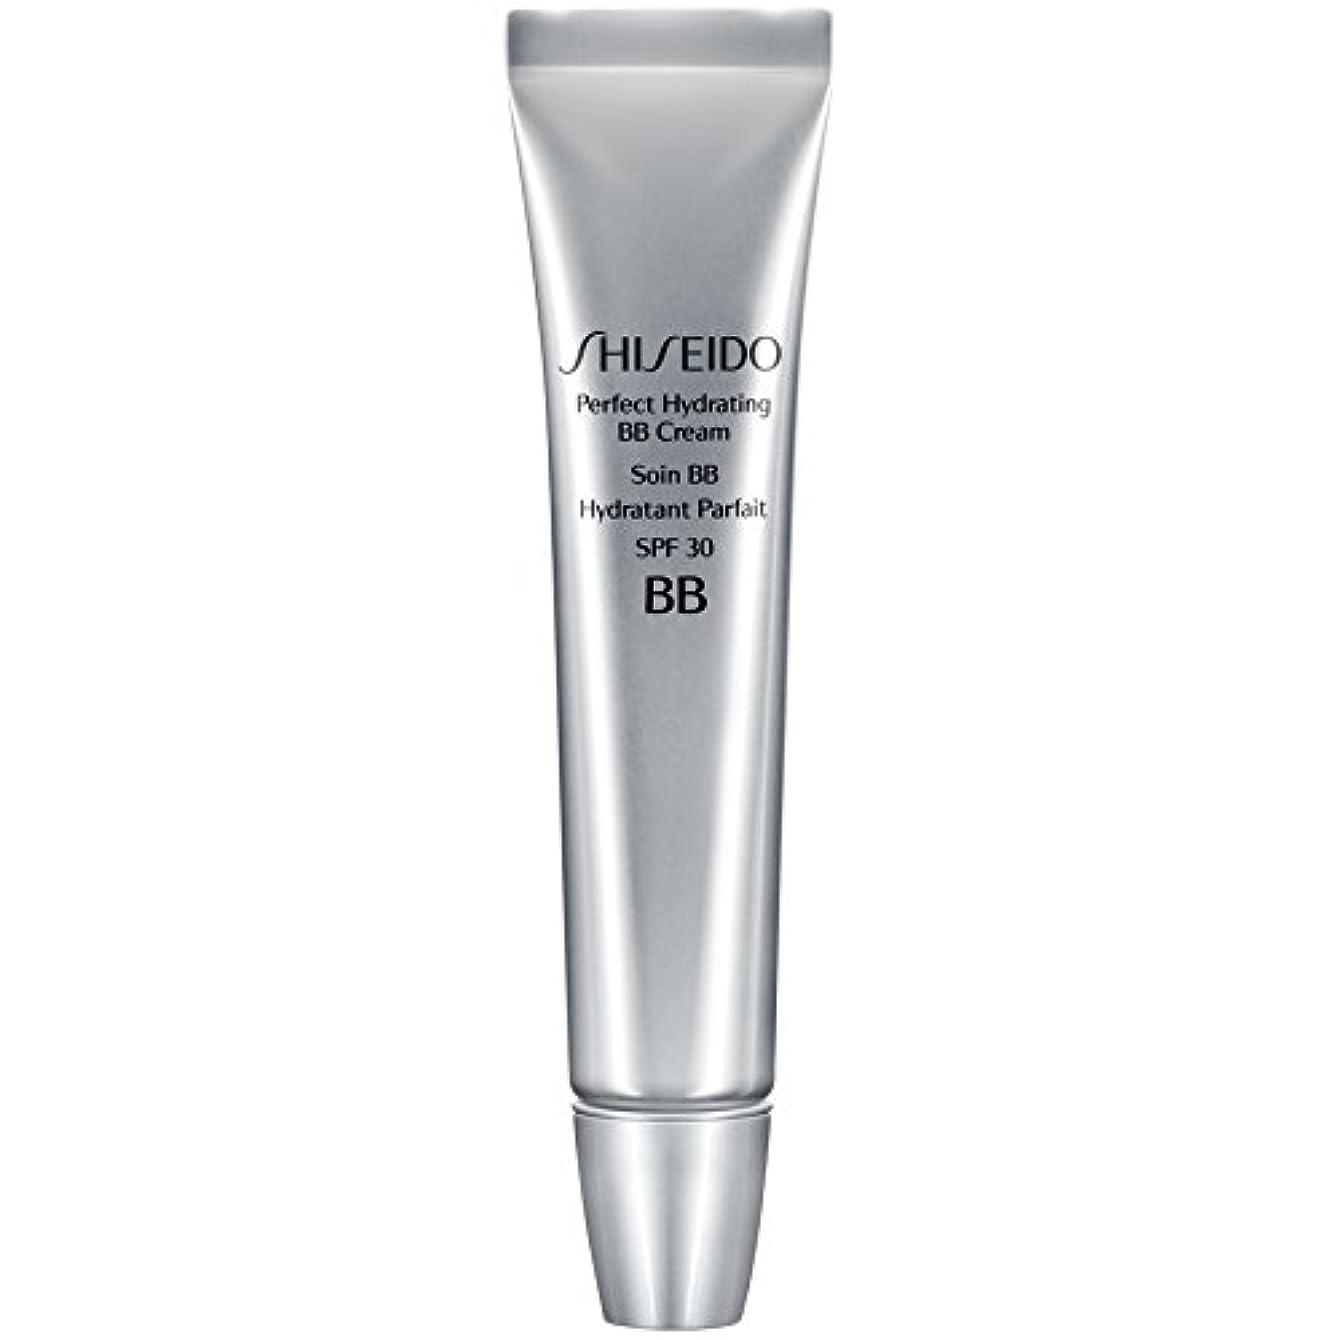 通信する倍増トーナメント[Shiseido ] 資生堂完璧な水和BbクリームSpf 30 30ミリリットルの暗いです - Shiseido Perfect Hydrating BB Cream SPF 30 30ml Dark [並行輸入品]